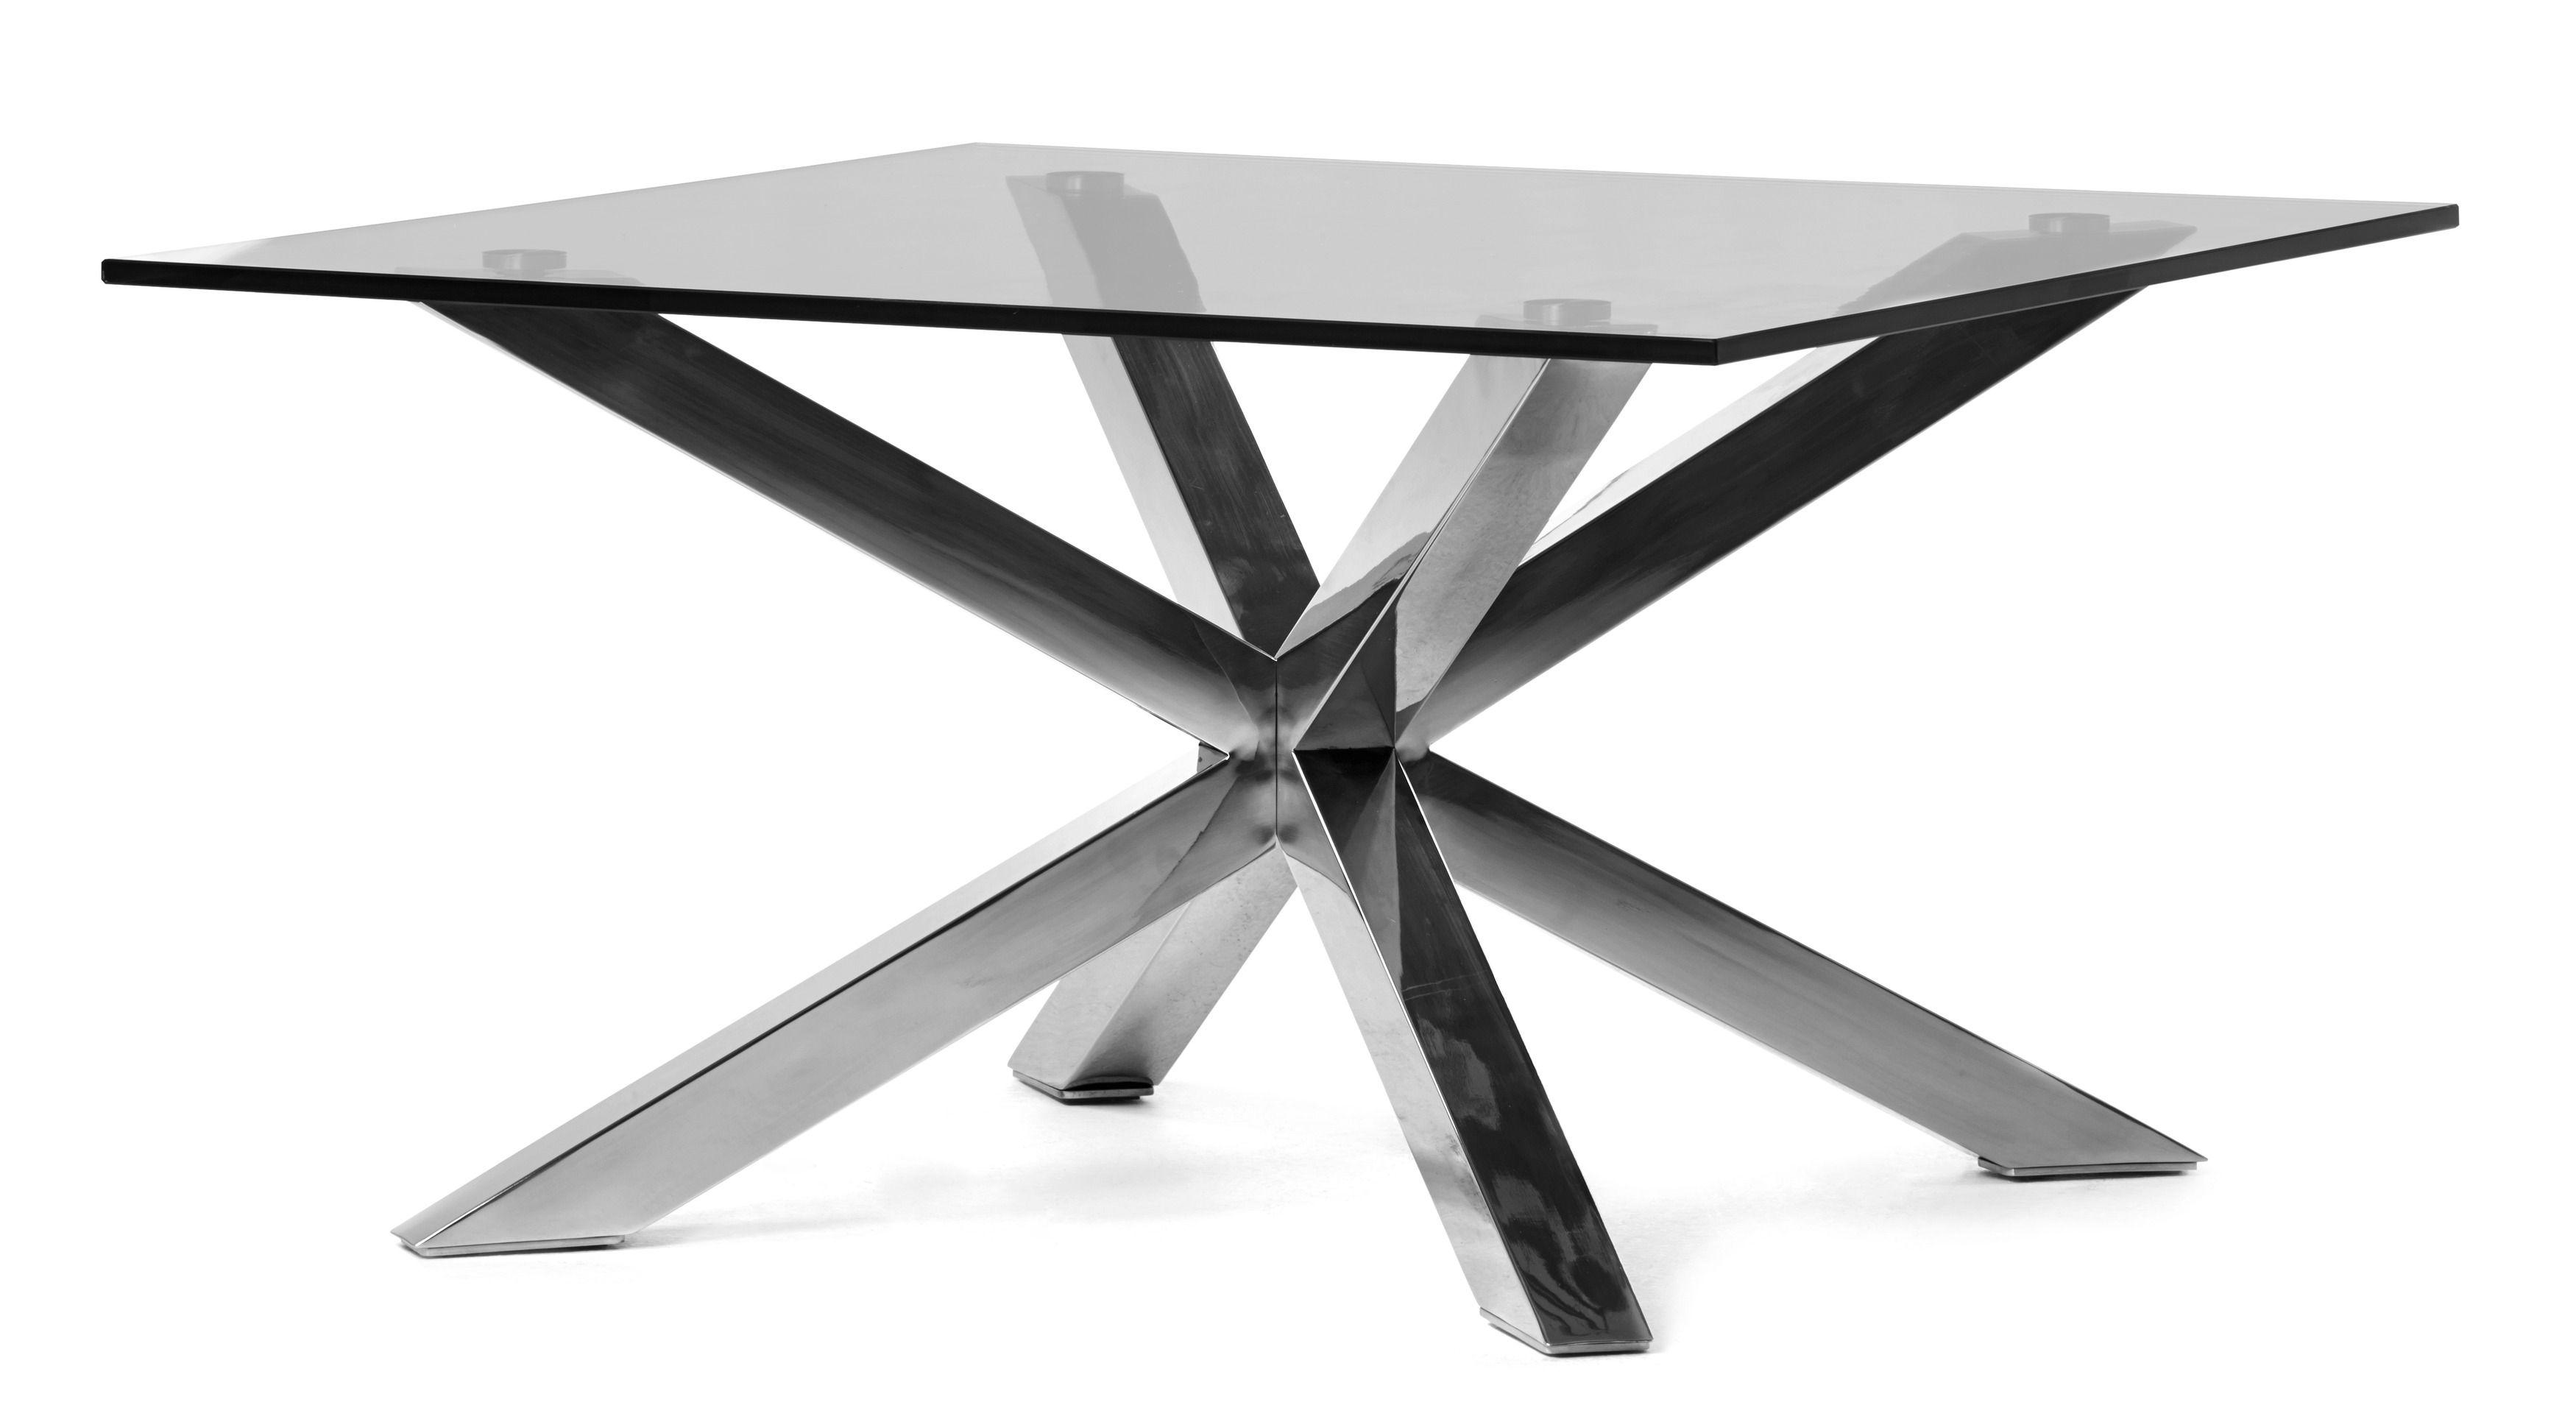 Modernt soffbord med kryssunderrede i lackad eller polerad metall och skiva av glas som ger en